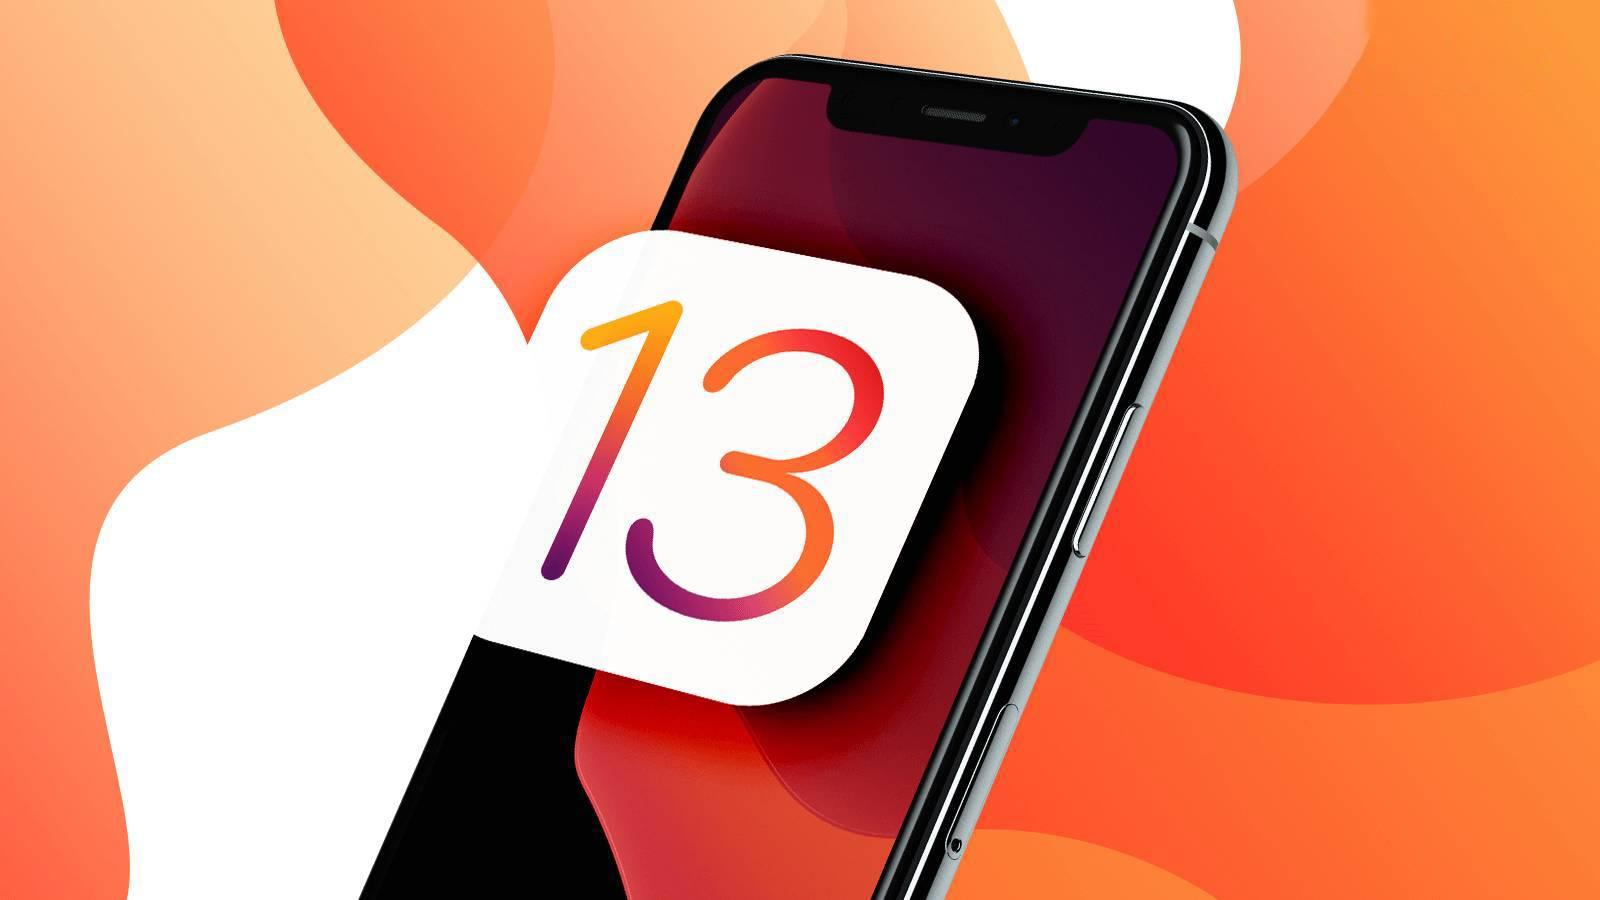 iOS 13 INFURIAT MILIOANE Oameni Schimbare